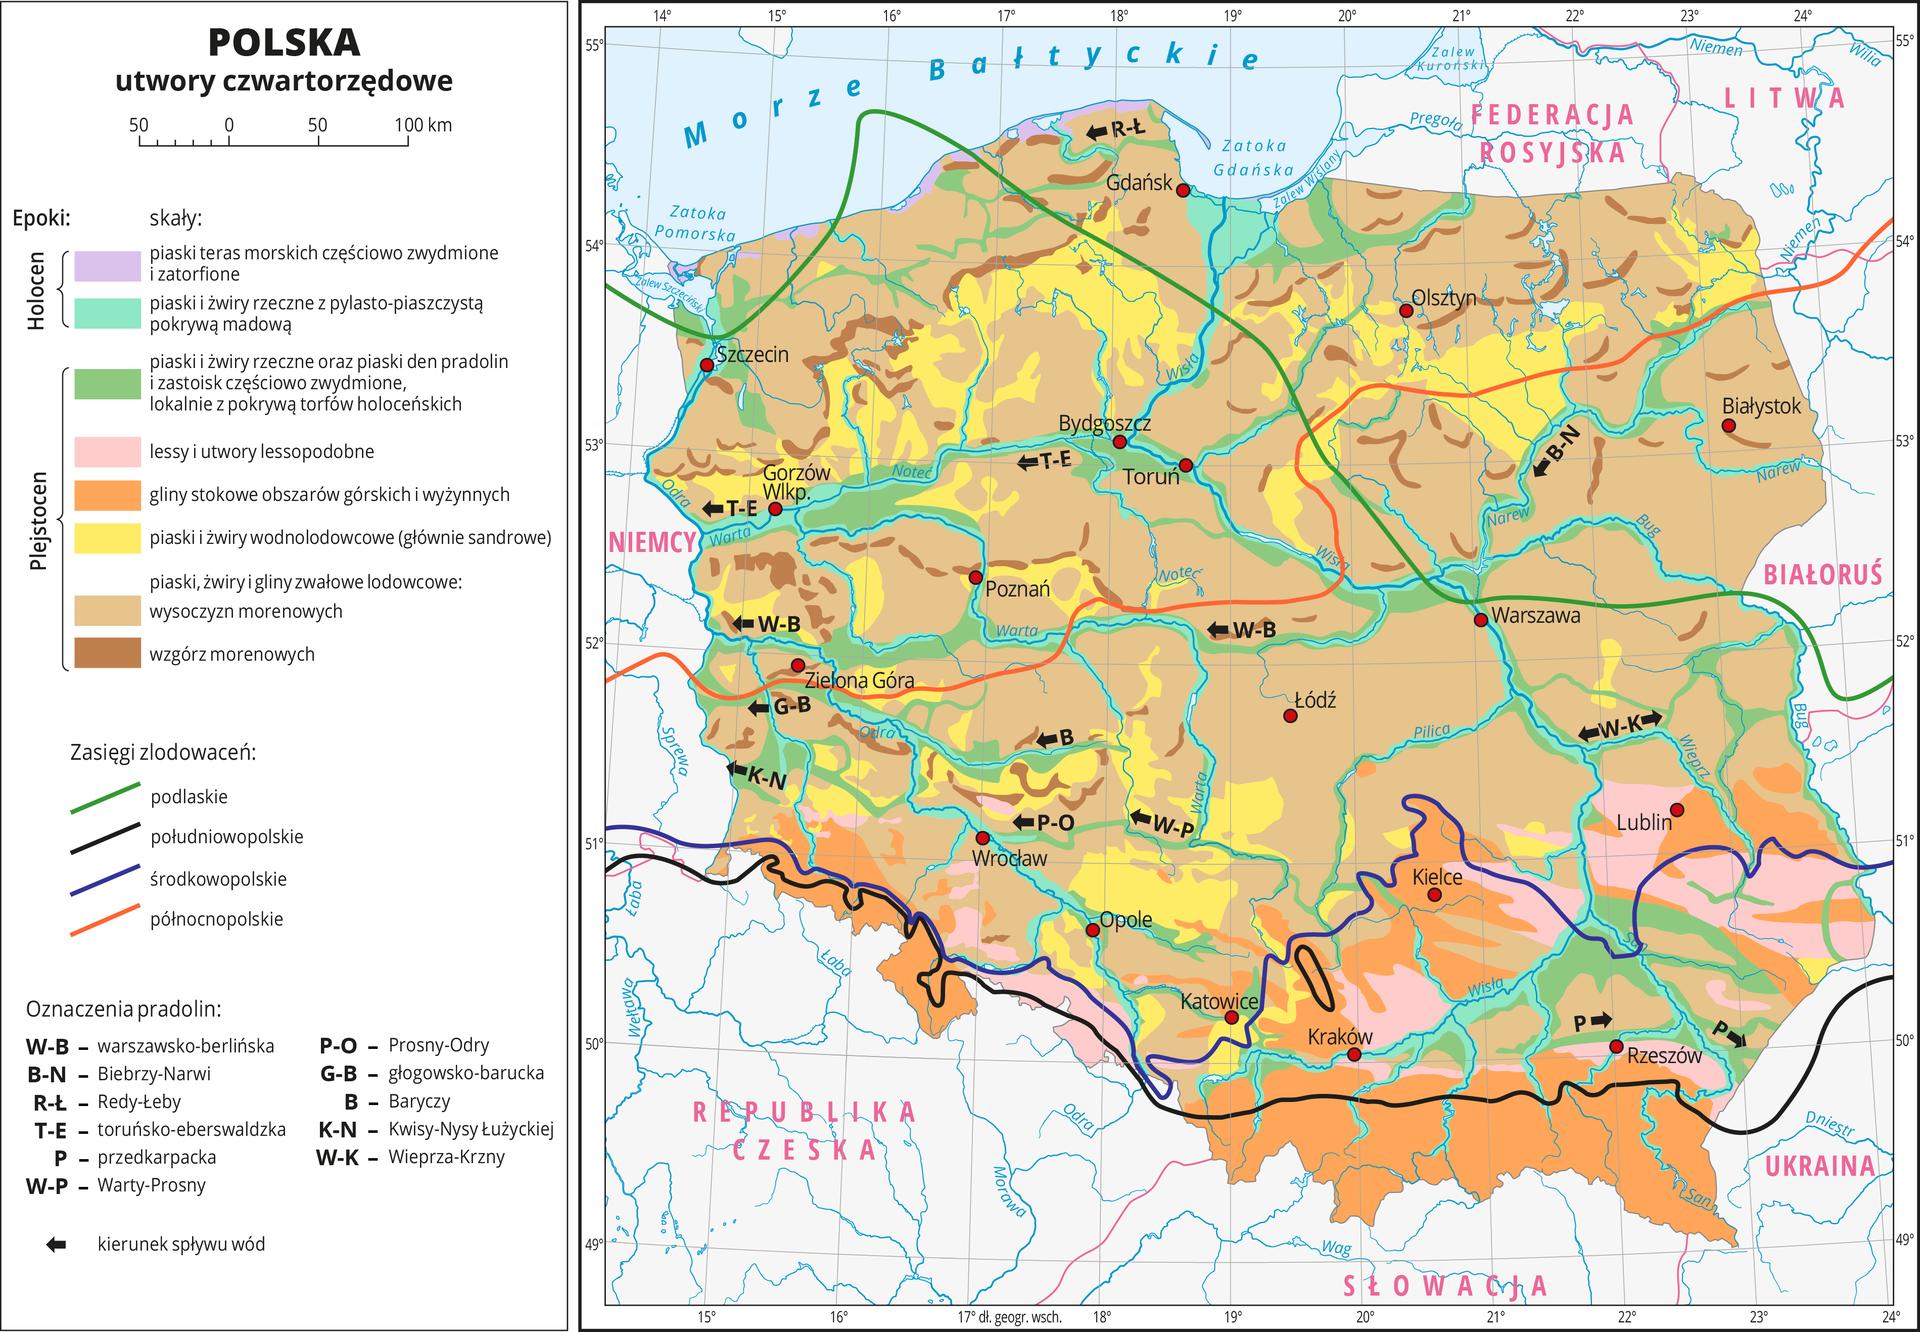 Ilustracja przedstawia mapę Polski. Na mapie kolorami zaznaczono rodzaje skał zepoki plejstocenu iholocenu czyli utwory czwartorzędowe. Czerwonymi kropkami zaznaczono miasta wojewódzkie iopisano je. Opisano rzeki ipaństwa sąsiadujące zPolską.Większą część obszaru Polski pokrywa jasnobrązowy obrazujący plejstoceńskie piaski żwiry igliny zwałowe lodowcowe występujące pod postacią wysoczyzn morenowych. Poprzeplatane są one kolorem żółtym obrazującym piaski iżwiry wodnolodowcowe, głównie sandrowe. Obszary górskie oznaczono kolorem pomarańczowym obrazującym gliny stokowe. Wzdłuż rzek występuje kolor zielony obrazujący piaski iżwiry rzeczne oraz piaski den pradolin. Kolor różowy na obszarze Wyżyny Częstochowskiej, Wyżyny Lubelskiej iKotliny Sandomierskiej obrazuje lessy.Kolorowymi liniami przedstawiono zasięg czterech zlodowaceń. zlodowacenie podlaskie – zielona linia biegnie zpółnocnego zachodu na środkowy wschód.zlodowacenie południowopolskie – czarna linie biegnie równoleżnikowo na południu Polski wzdłuż Przedgórza Sudeckiego iPodgórza Karpackiego.zlodowacenie środkowopolskie – niebieska linia biegnie zzachodu na wschód najpierw wzdłuż Przedgórza Sudeckiego, następnie skręca na północ ponad Kielce, potem kieruje się na południe ku ujściu Sanu do Wisły ipotem kieruje się na wschód.zlodowacenie północnopolskie – czerwona linia biegnie zokolic Zielonej Góry zzachodu na wschód, na wysokości Niziny Mazowieckiej kierując się ku północy.Dookoła mapy wbiałej ramce opisano współrzędne geograficzne co jeden stopień. Po lewej stronie mapy wlegendzie umieszczono wpionie osiem kolorowych prostokątów, które opisano nazwami skał zokresu plejstocenu iholocenu, opisano zasięgi zlodowaceń iliterowe oznaczenia pradolin.